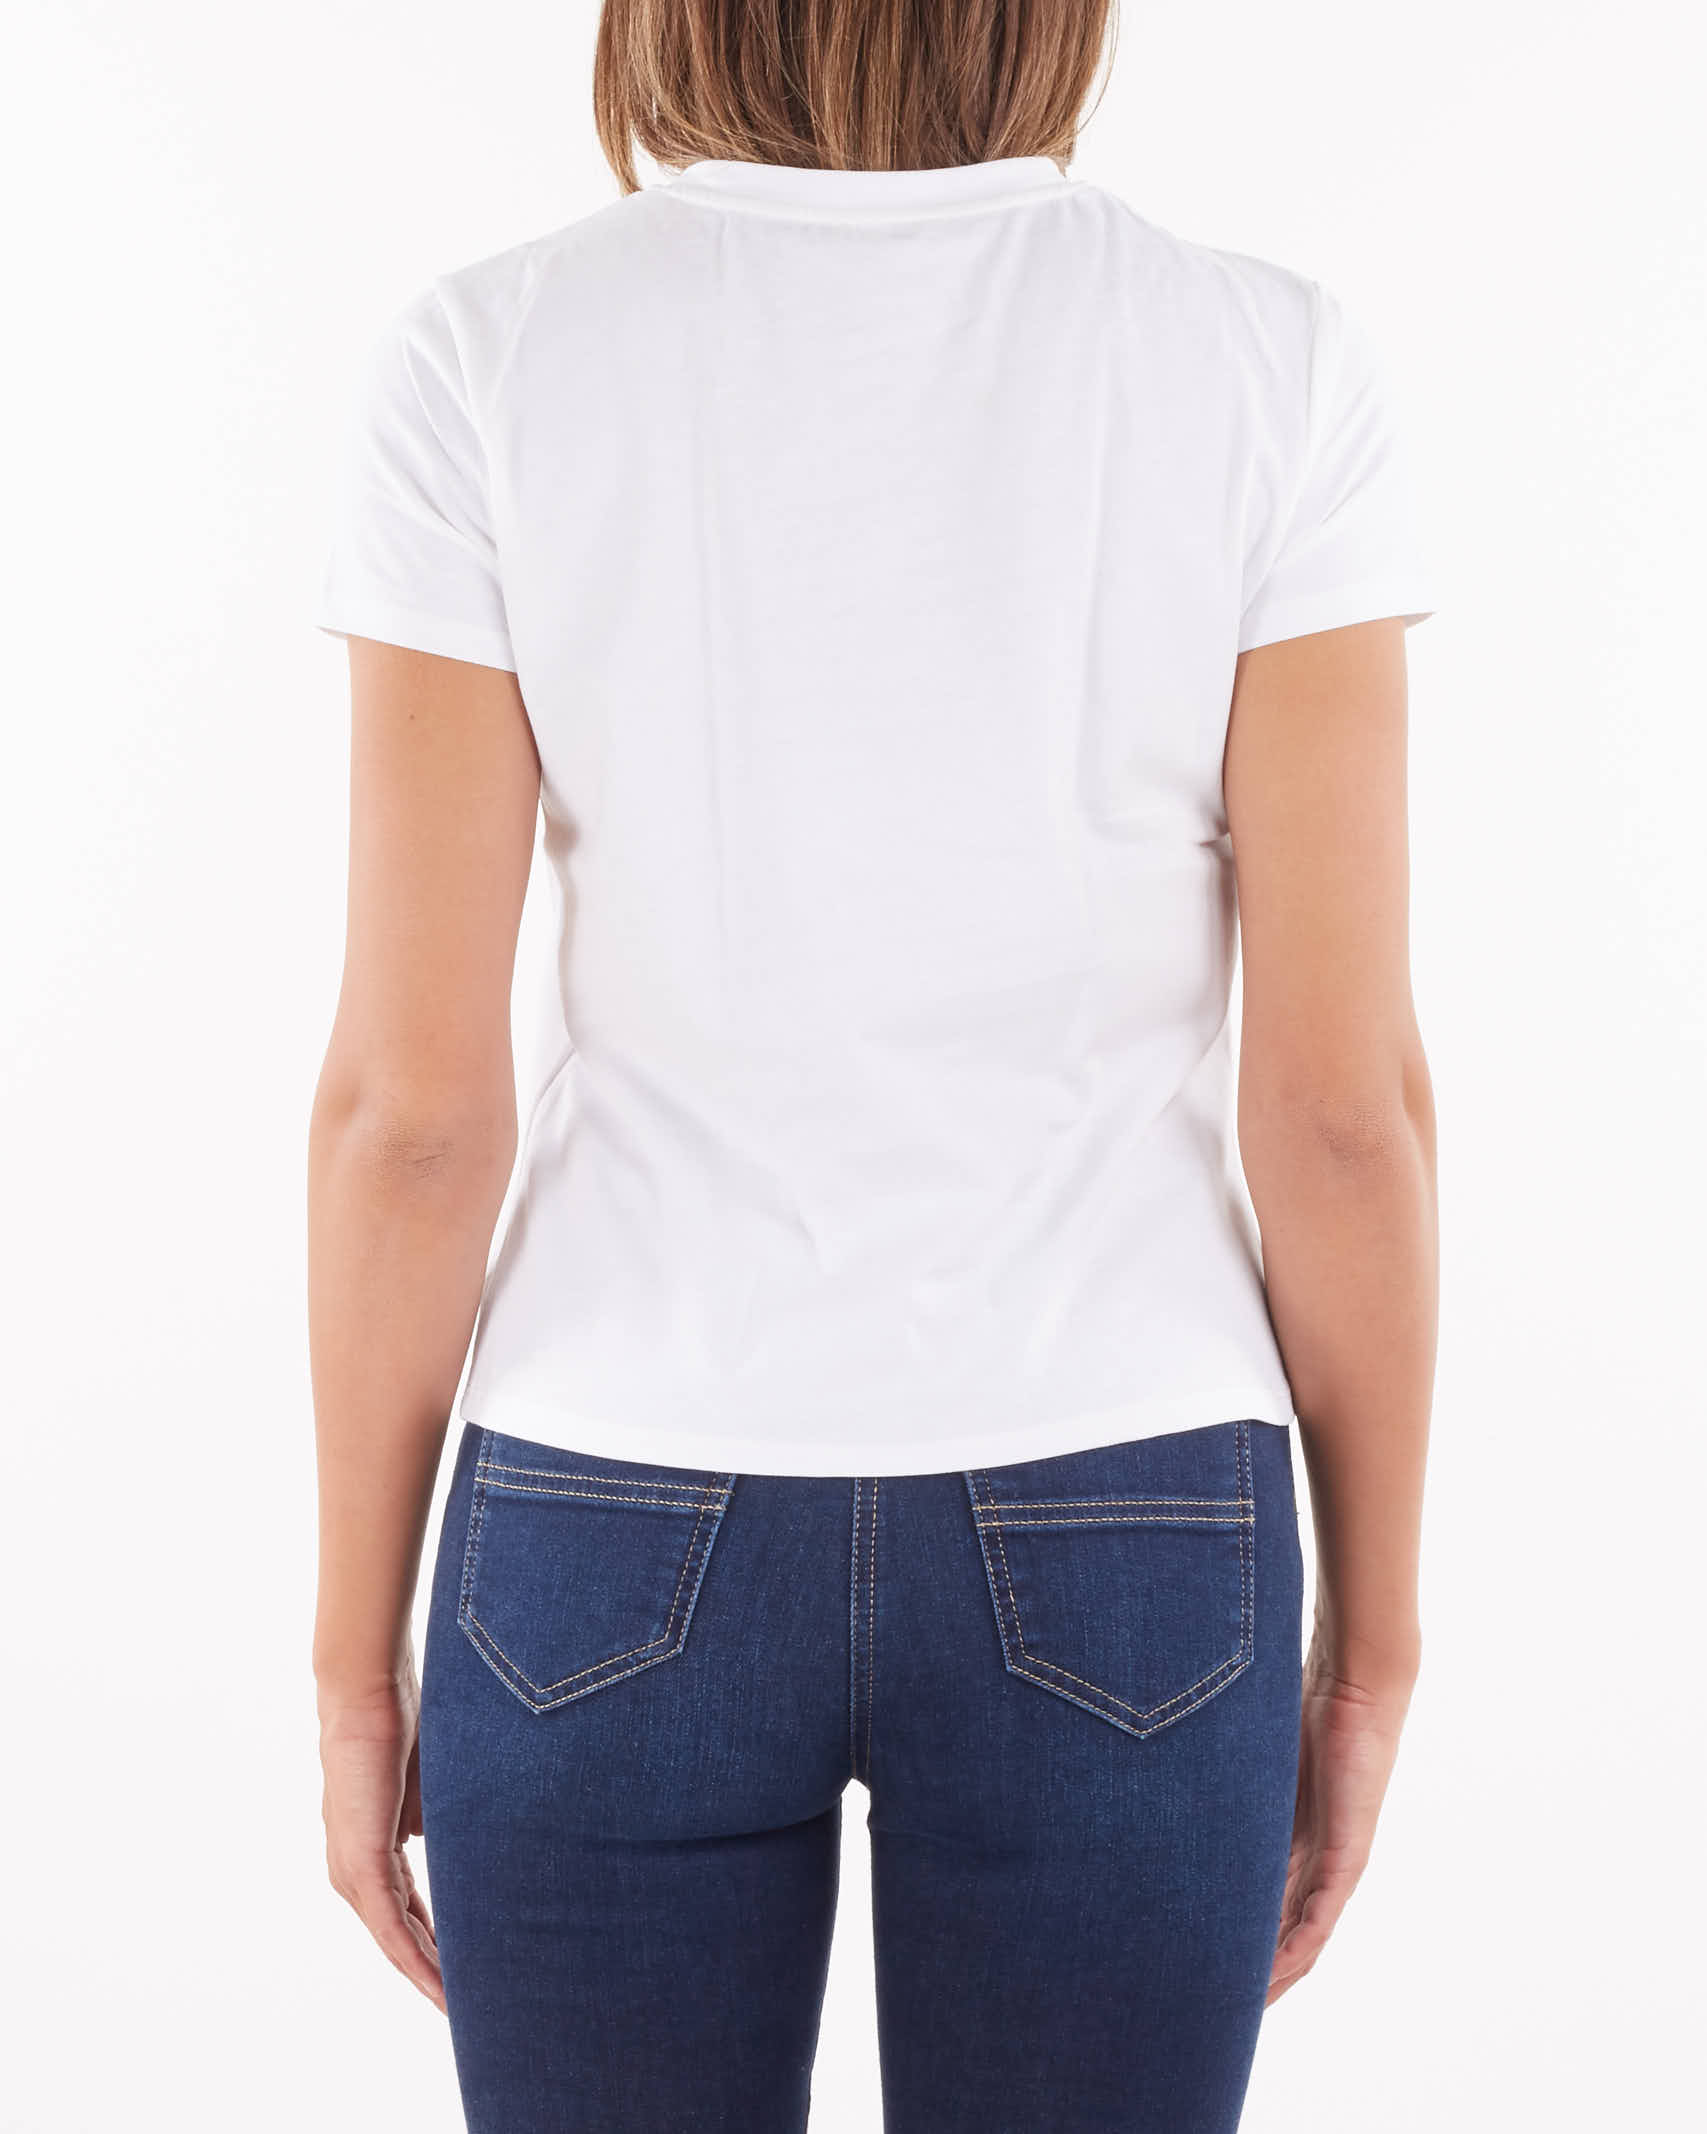 T-shirt girocollo con ricamo Elisabetta Franchi ELISABETTA FRANCHI | T-shirt | MA20816E2392